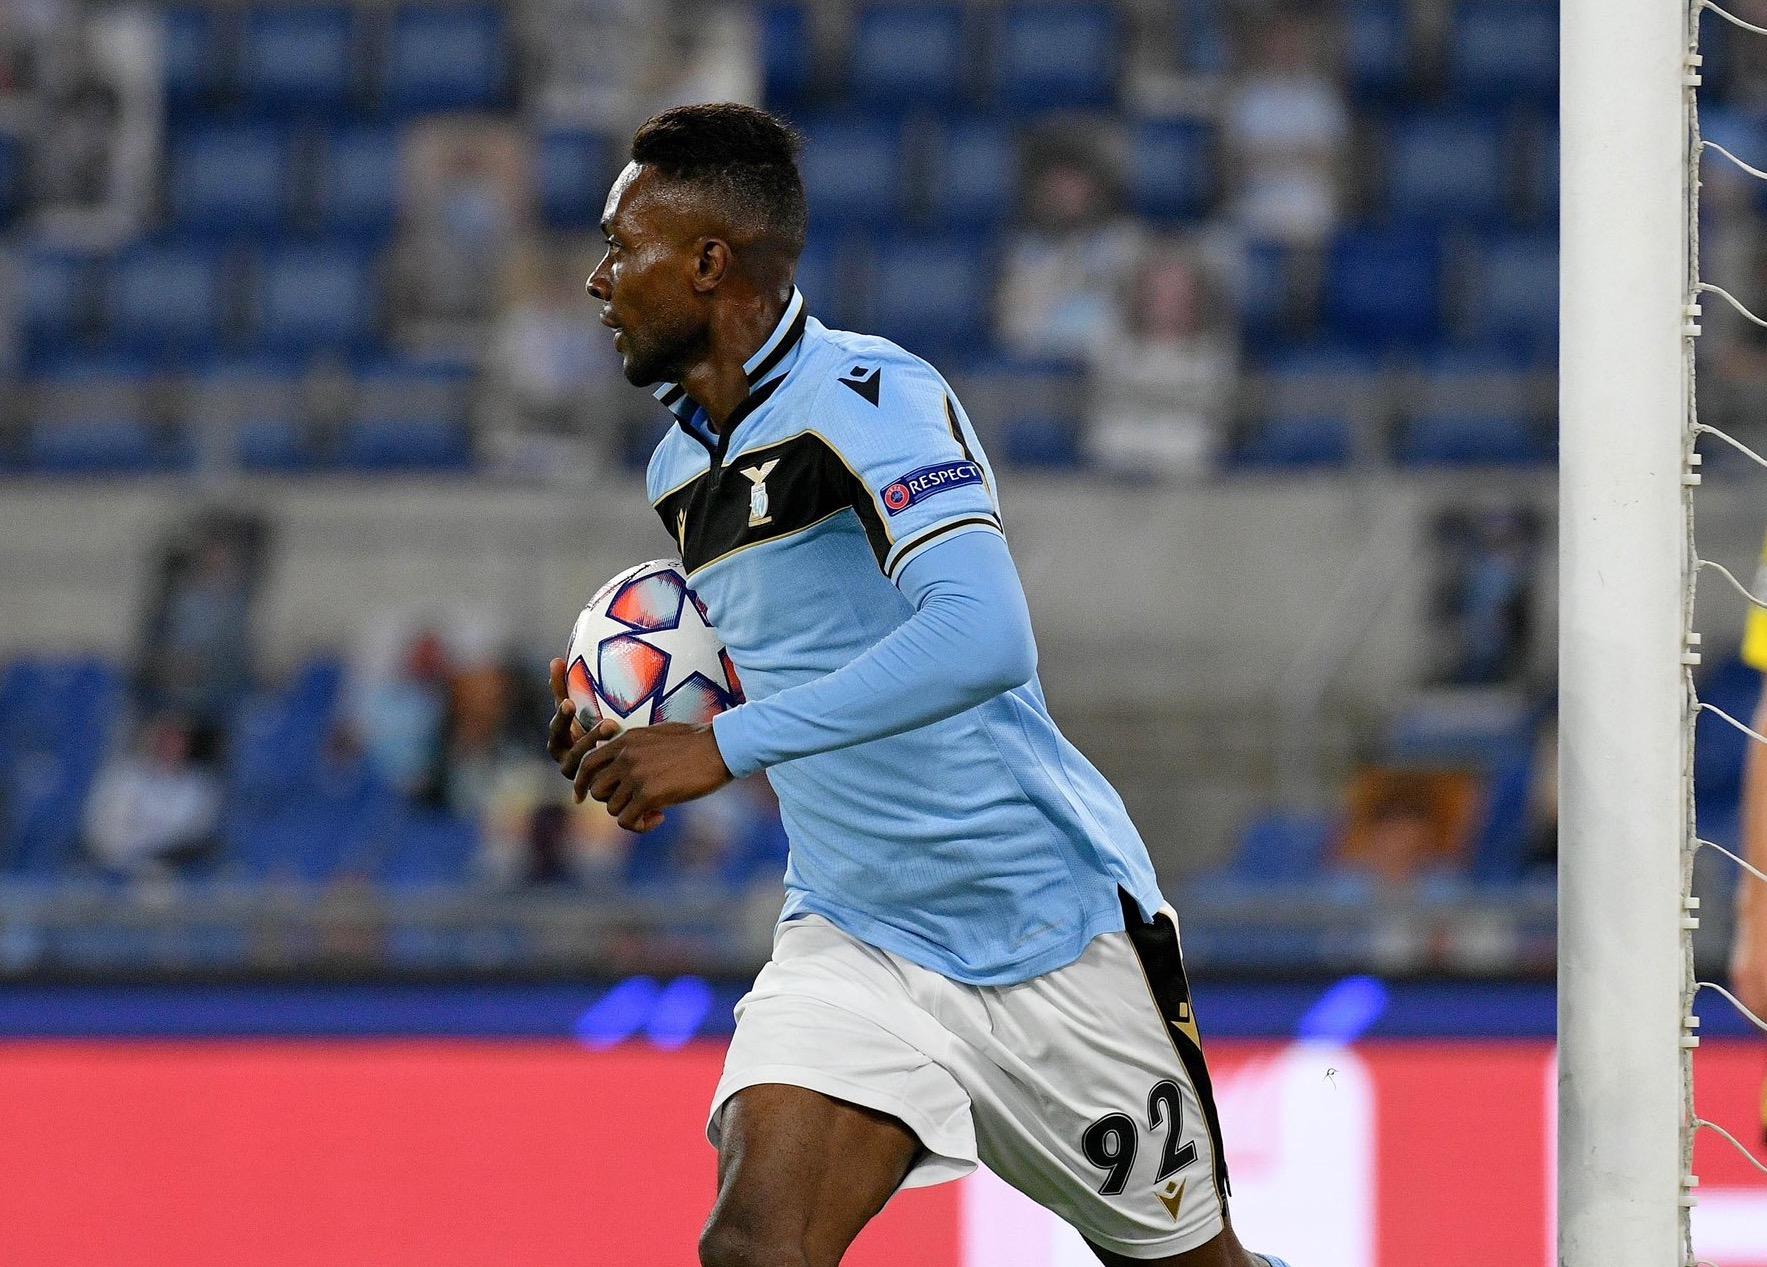 Jean-Daniel Akpa Akpro / S.S. Lazio